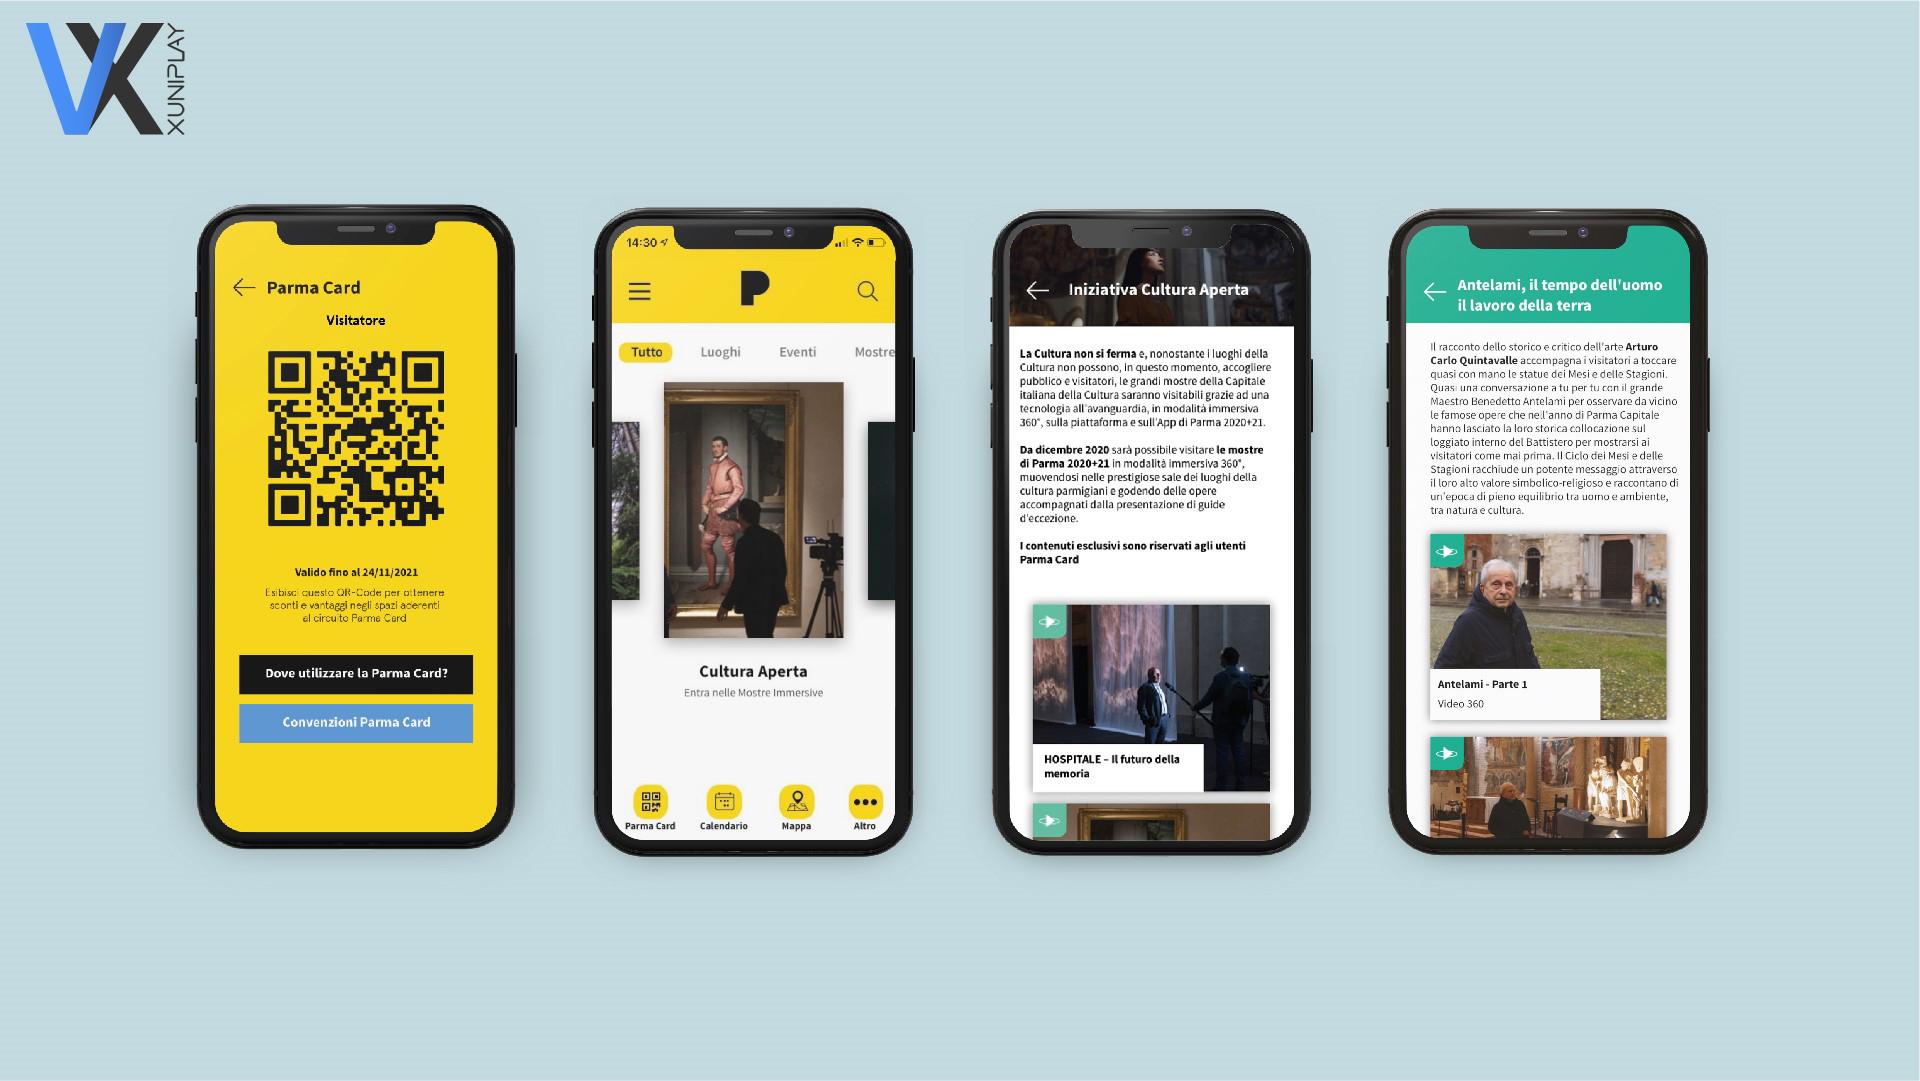 Visitor XPerience - Parma 2020+21 applicazione e sito web fabbricadigitale